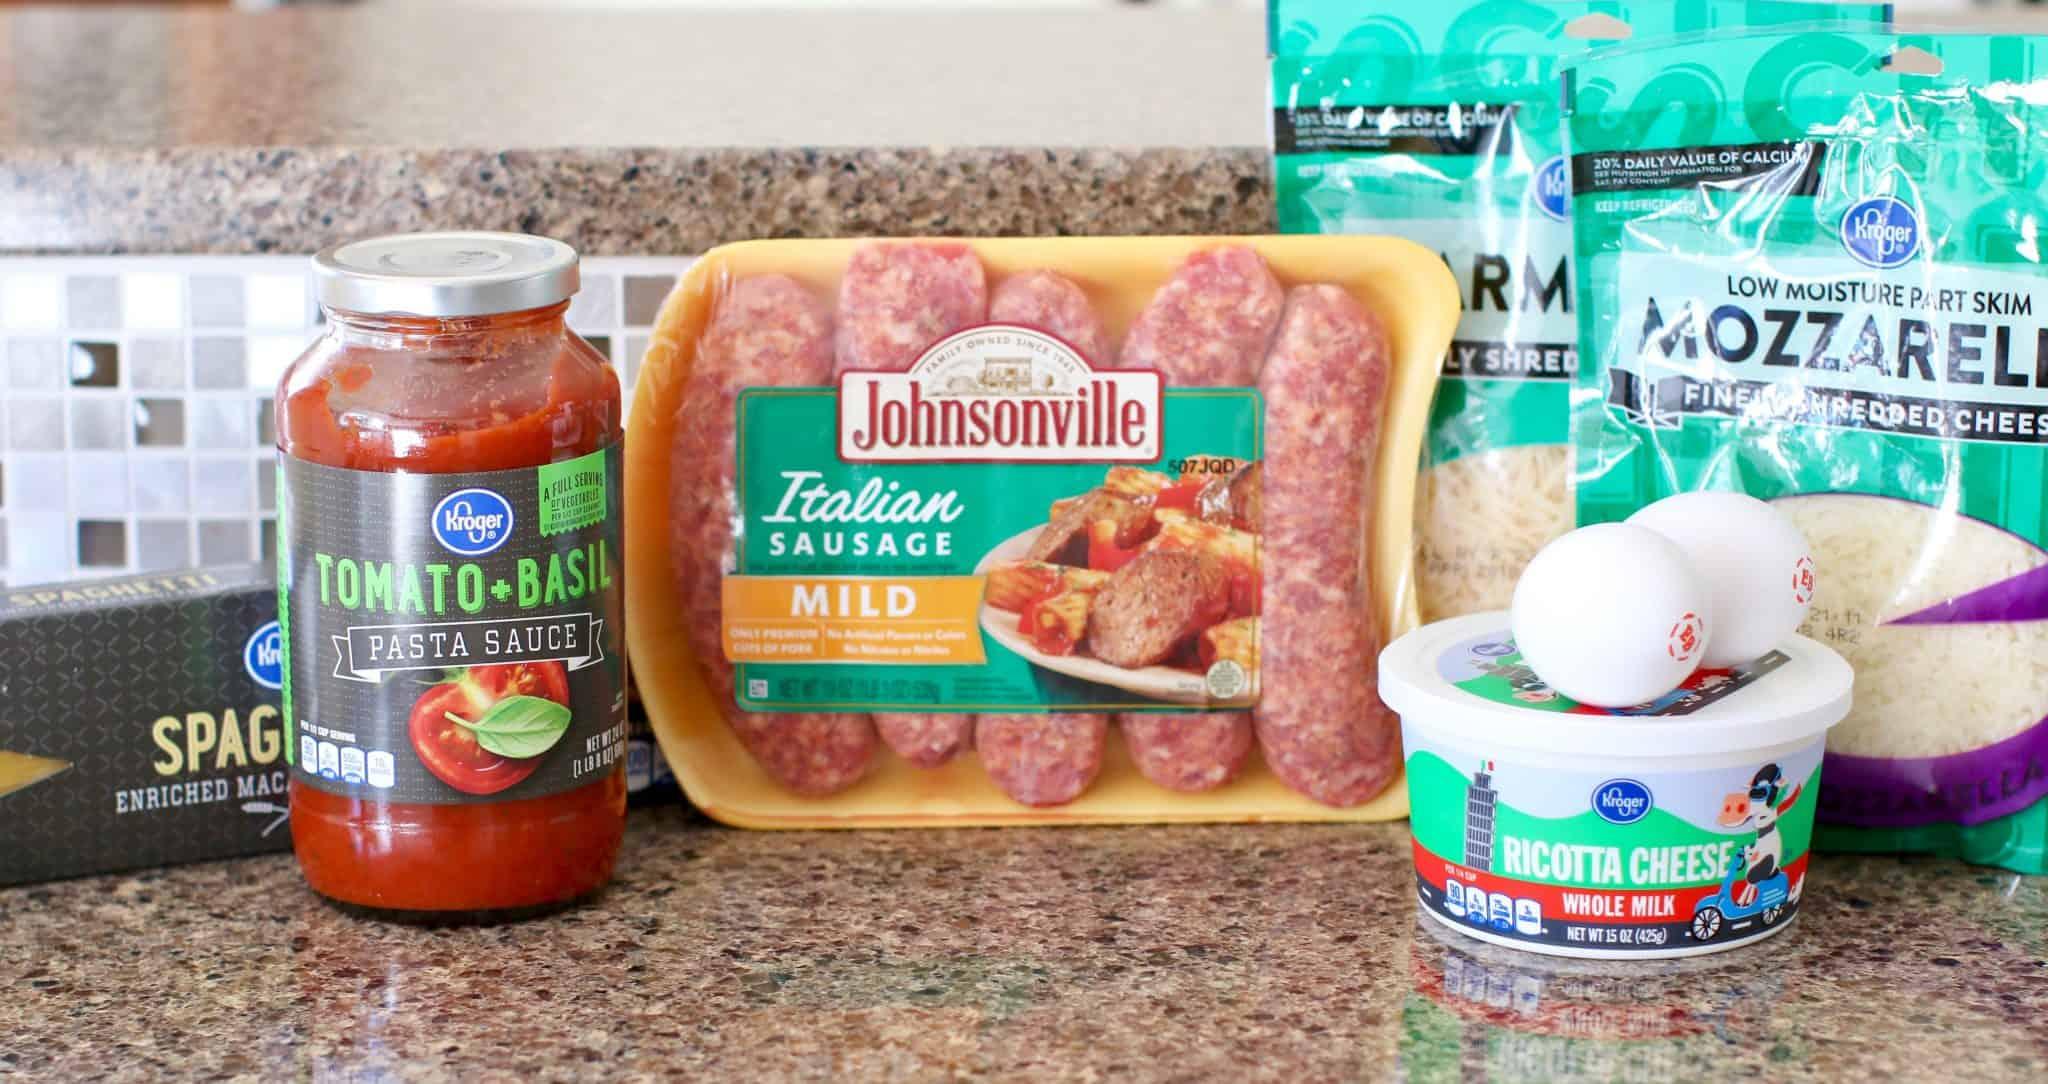 Italian sausage, ricotta cheese, Parmesan cheese, eggs, spaghetti sauce